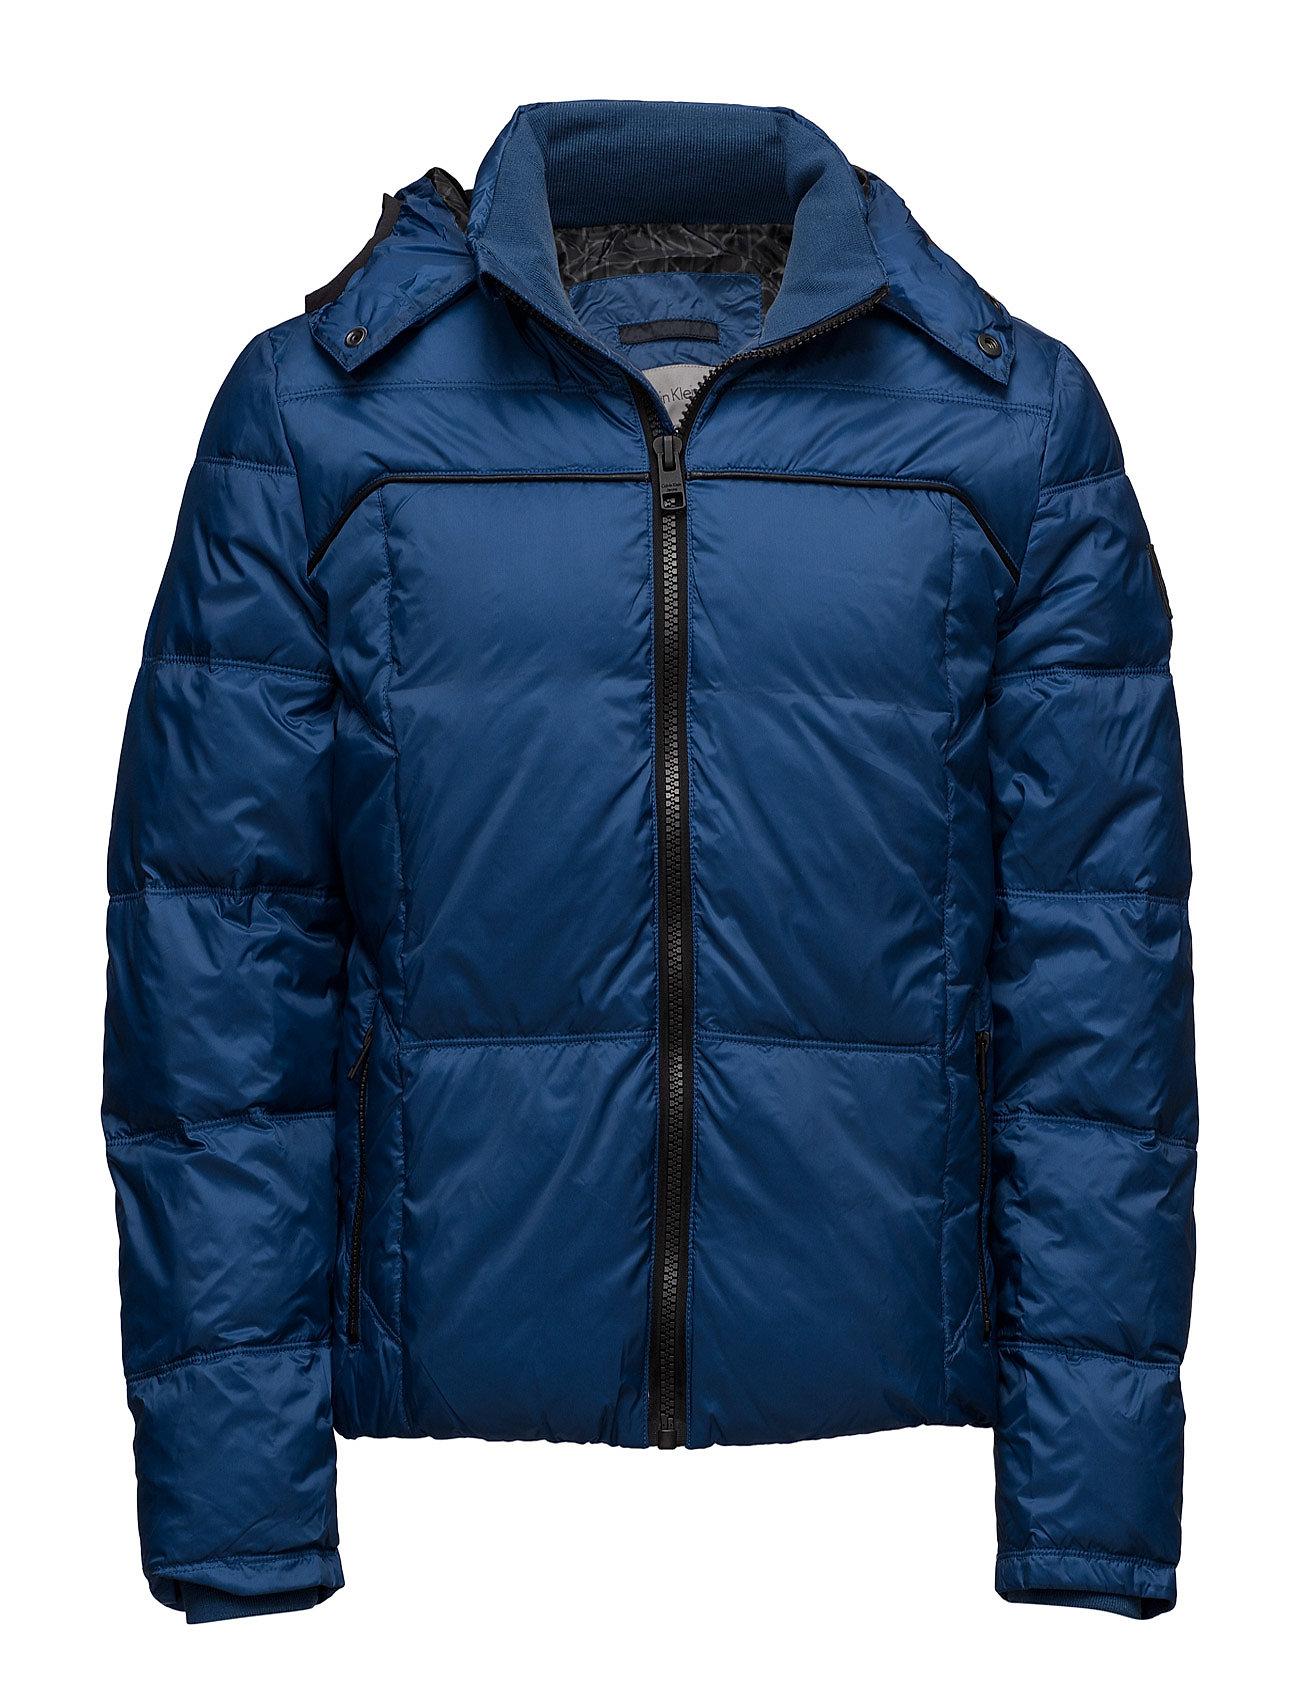 Opron 2 Hd Down Jacket Calvin Klein Jeans Jakker til Herrer i